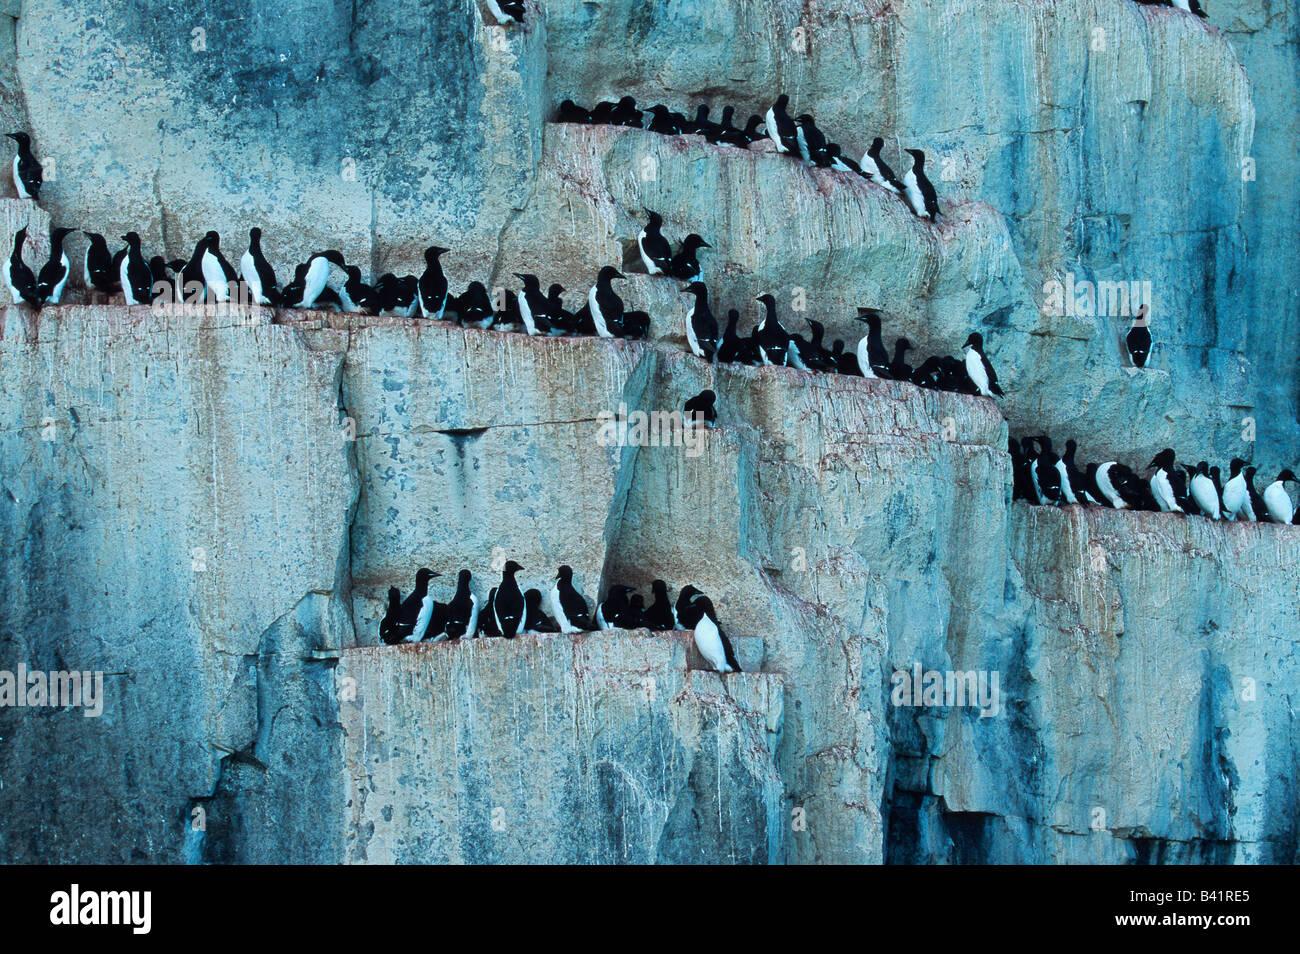 Thick-billed Murre Uria lomvia breeding colonie in cliff Hinlopen Strait Svalbard Spitsbergen Norway Arctic Stock Photo